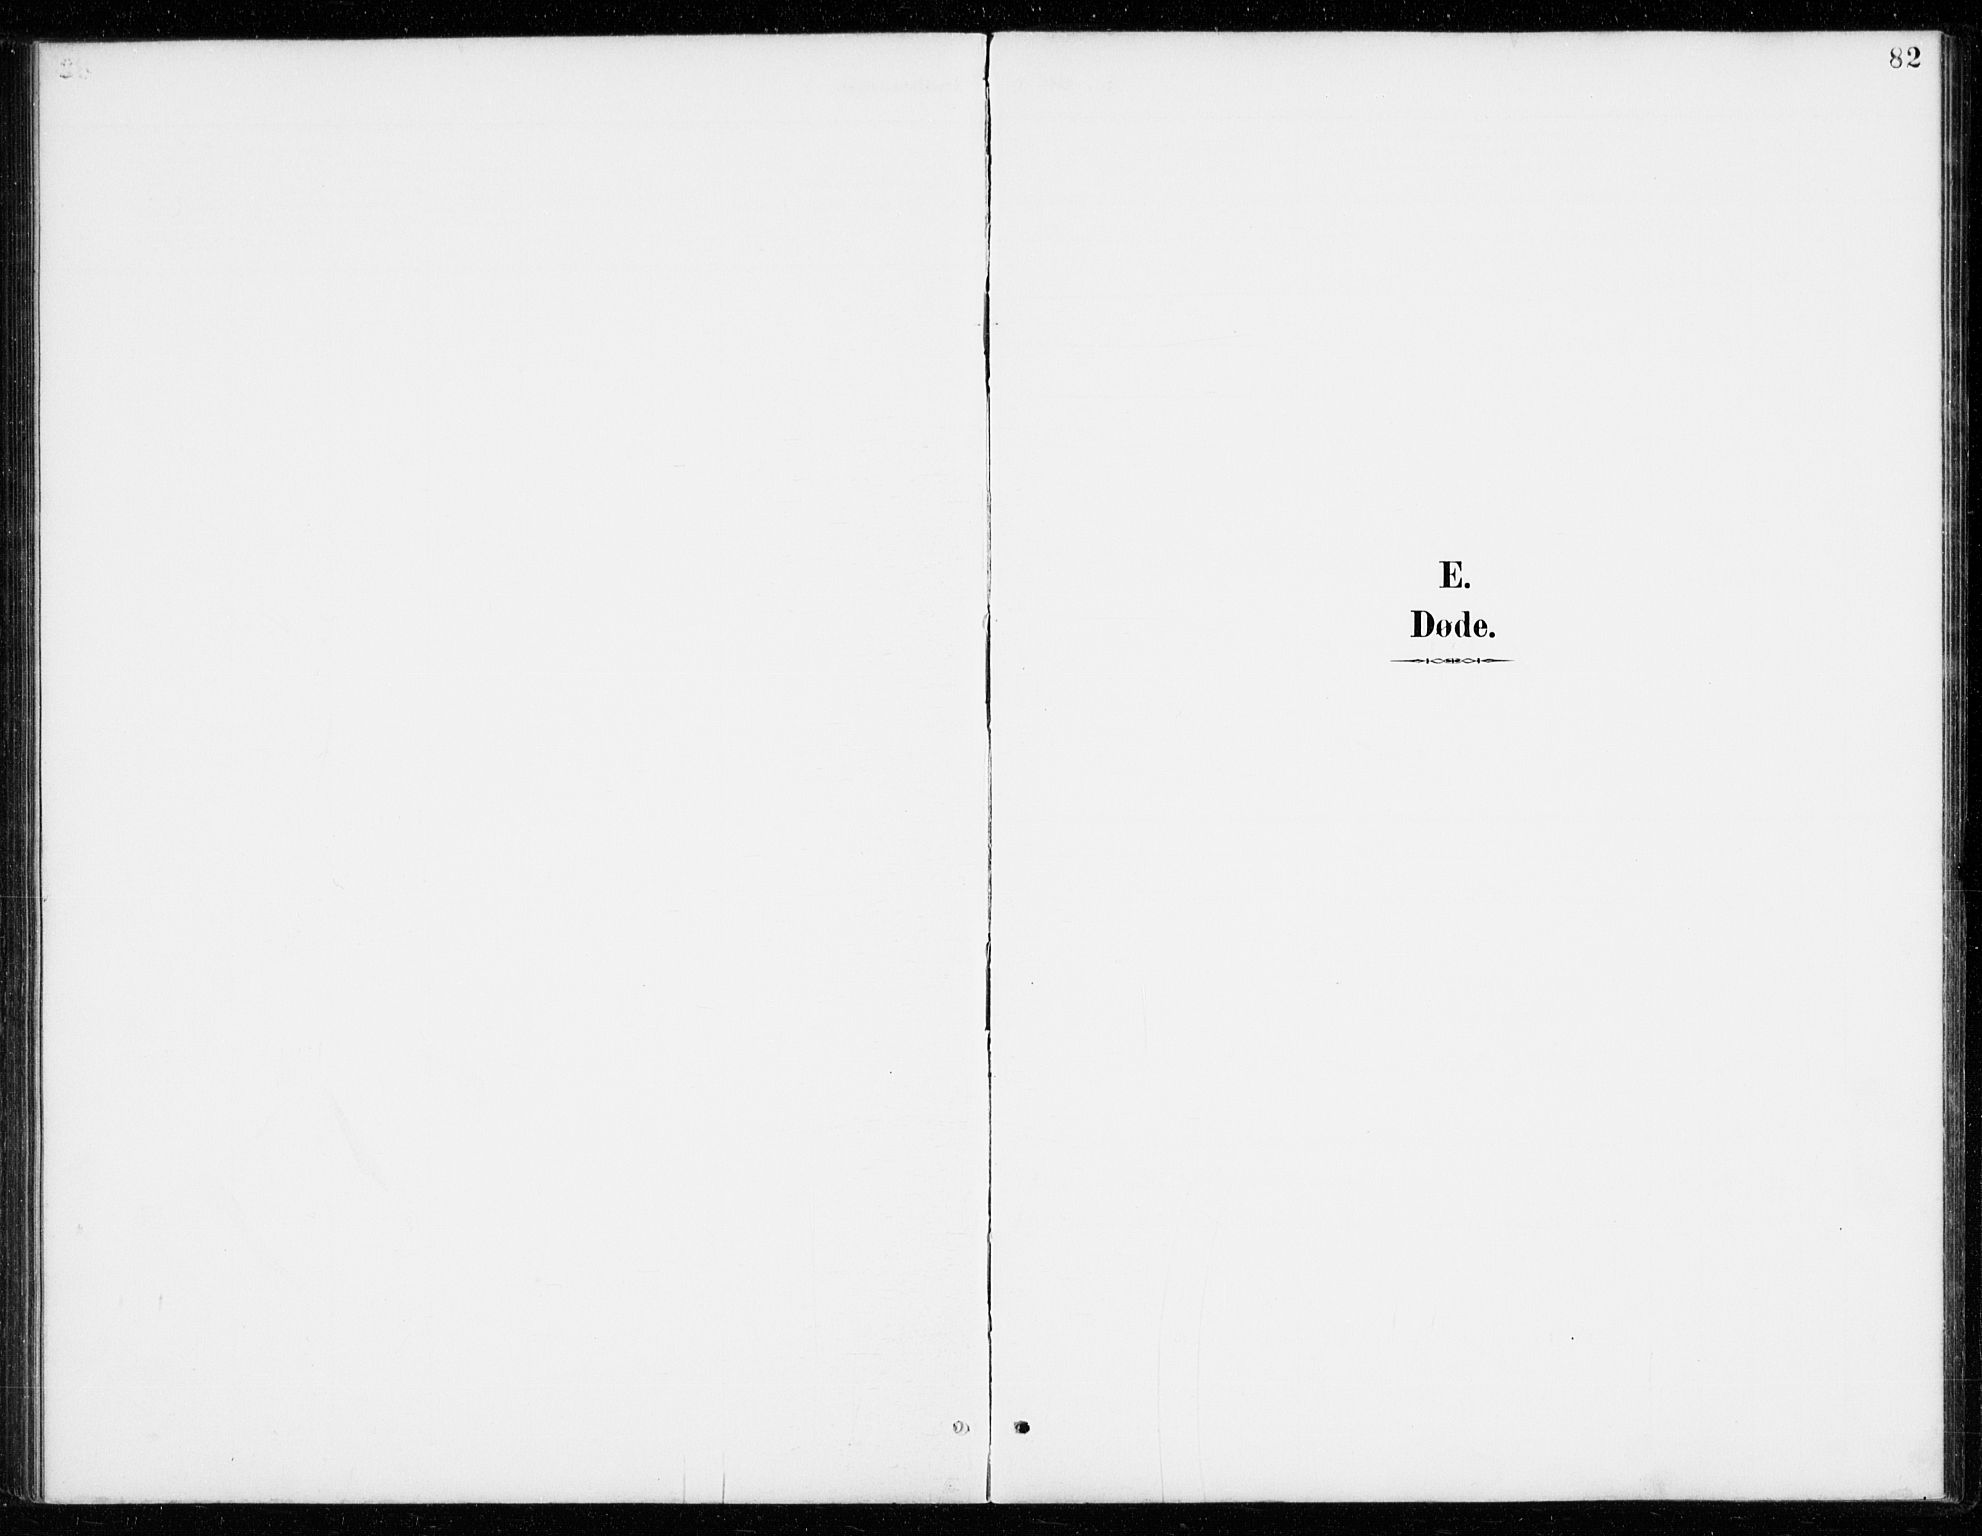 SAKO, Vinje kirkebøker, G/Gb/L0003: Klokkerbok nr. II 3, 1892-1943, s. 82